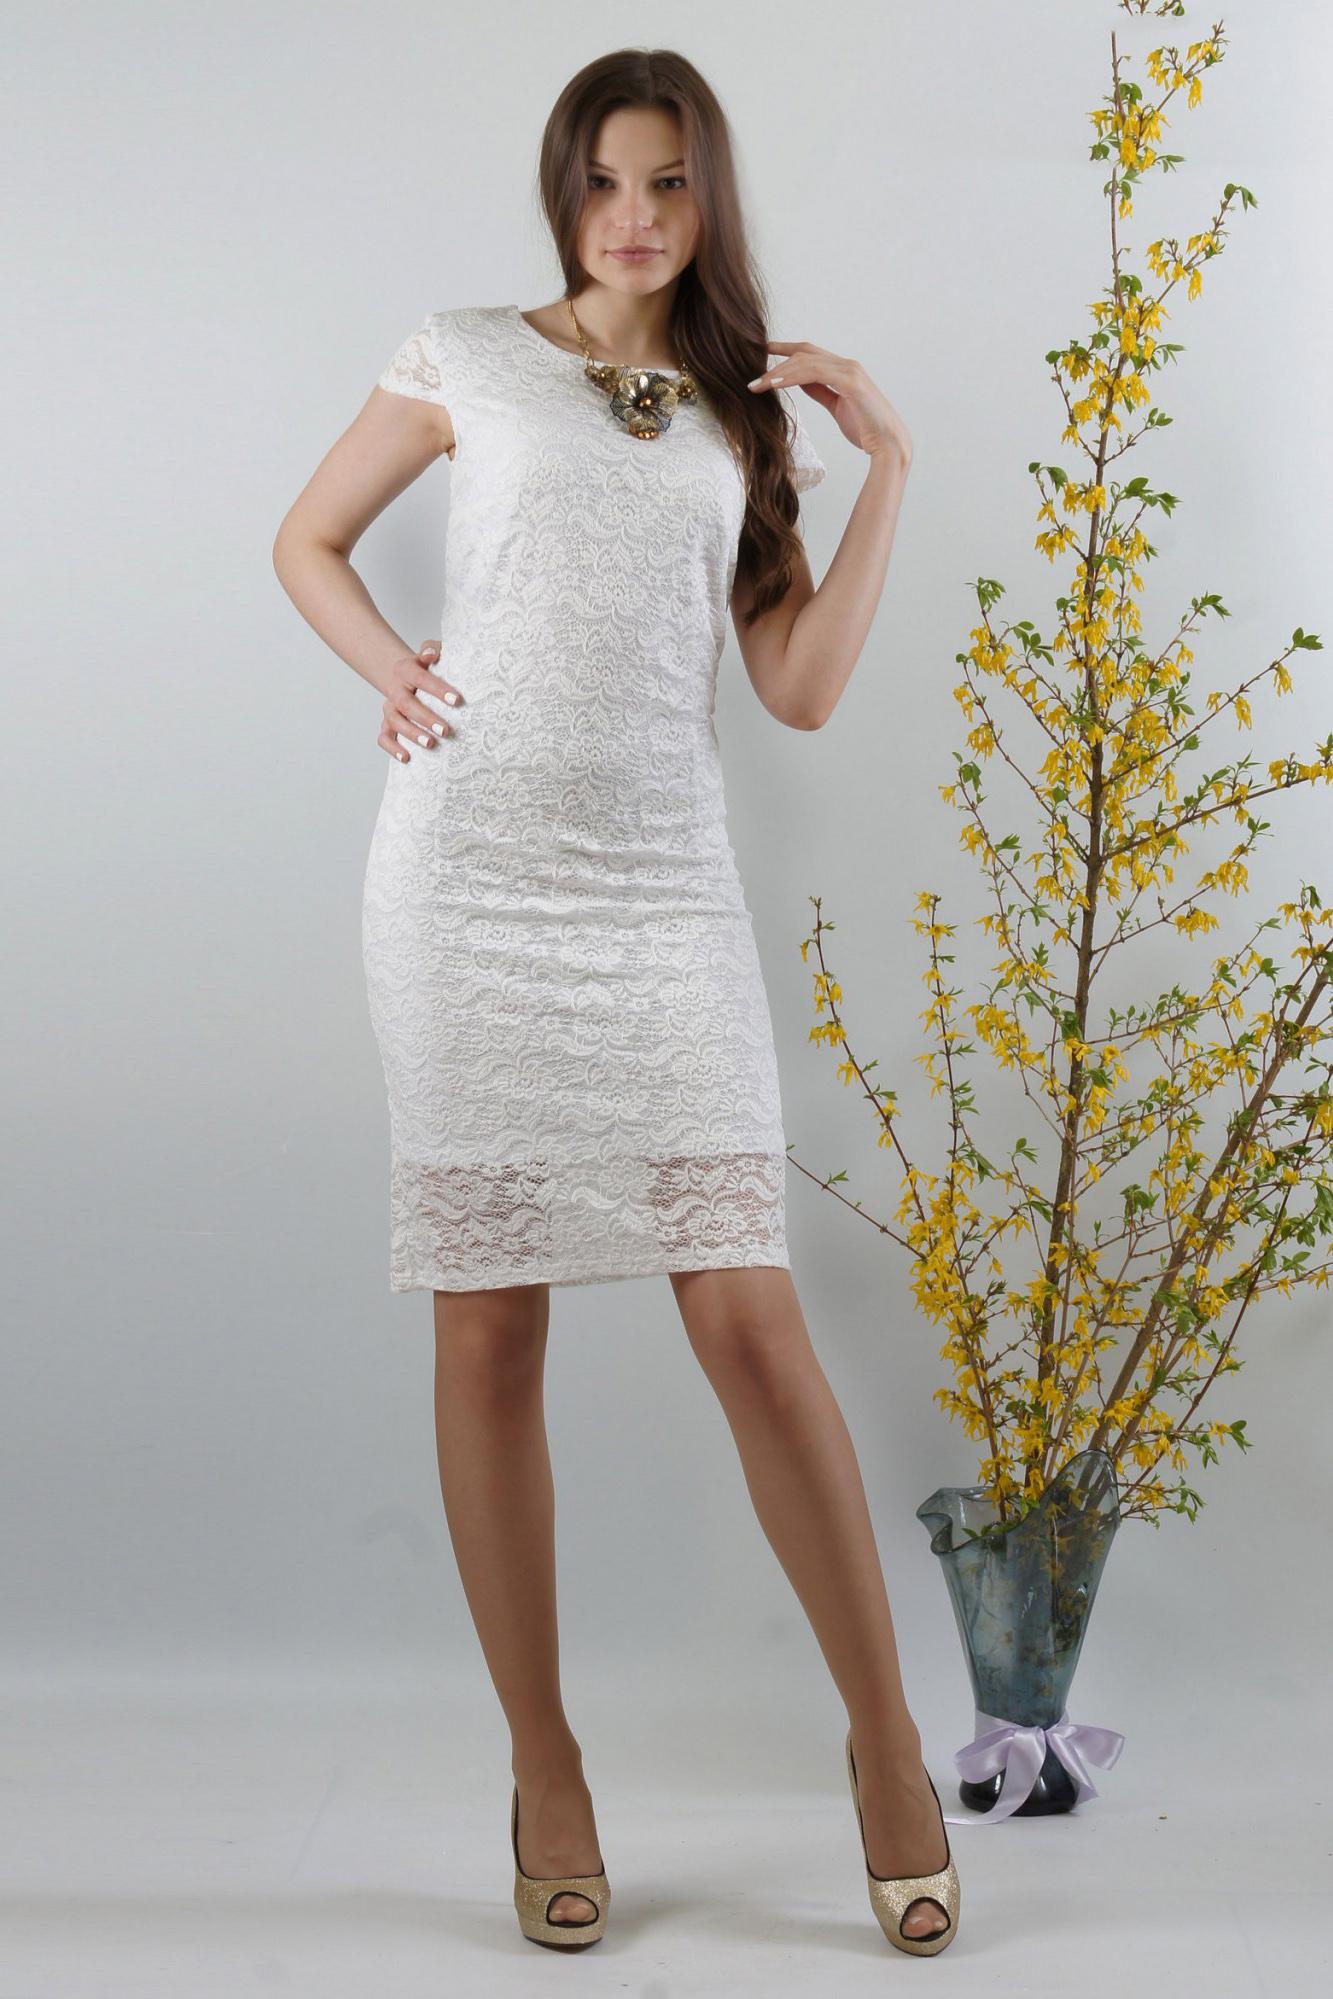 ПлатьеПлатья<br>Женственное платье облегающего покроя из высококачественного эластичного кружева. Эта двухслойная модель  сформирует Ваш силуэт. Красивый цвет добавит изысканности и женственности в Ваш образ. Спереди  нагрудные вытачки из бокового шва. Спинка со средним швом, без отличительных особенностей. Великолепный вырез горловины:  округлый по переду и V-образный по спинке выгодно подчеркнет Вашу шею и грудь. Рукав-крылышко втачной без нижних участков под проймой.   Длина рукава около 9,5 см.  Платье на трикотажной подкладке. Подкладка из масла «кристалл» короче основного платья на 11,0 см.  Длина около 98 см.  Цвет: белый  Ростовка изделия 170 см.<br><br>Горловина: С- горловина<br>По длине: До колена<br>По материалу: Гипюр,Трикотаж<br>По рисунку: Однотонные,Фактурный рисунок<br>По сезону: Весна,Зима,Лето,Осень,Всесезон<br>По силуэту: Приталенные<br>По стилю: Нарядный стиль,Романтический стиль,Летний стиль<br>По форме: Платье - футляр<br>По элементам: С подкладом<br>Рукав: Короткий рукав<br>Размер : 46,48,50<br>Материал: Холодное масло + Гипюр<br>Количество в наличии: 3